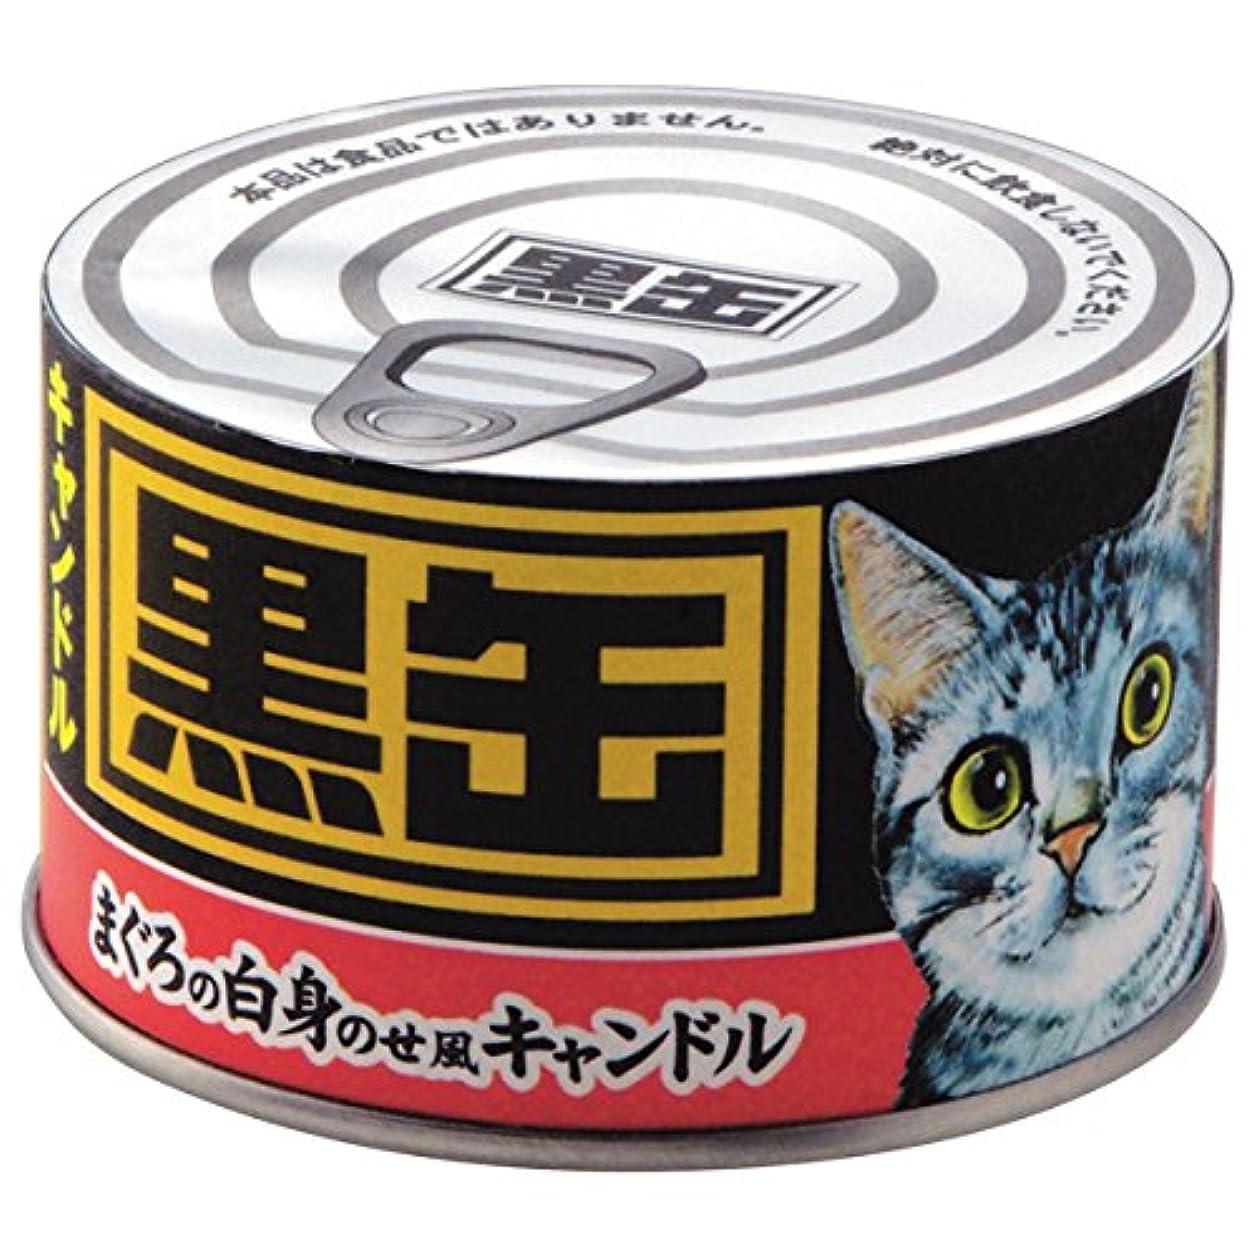 テレビ不名誉な韓国カメヤマ黒缶キャンドル